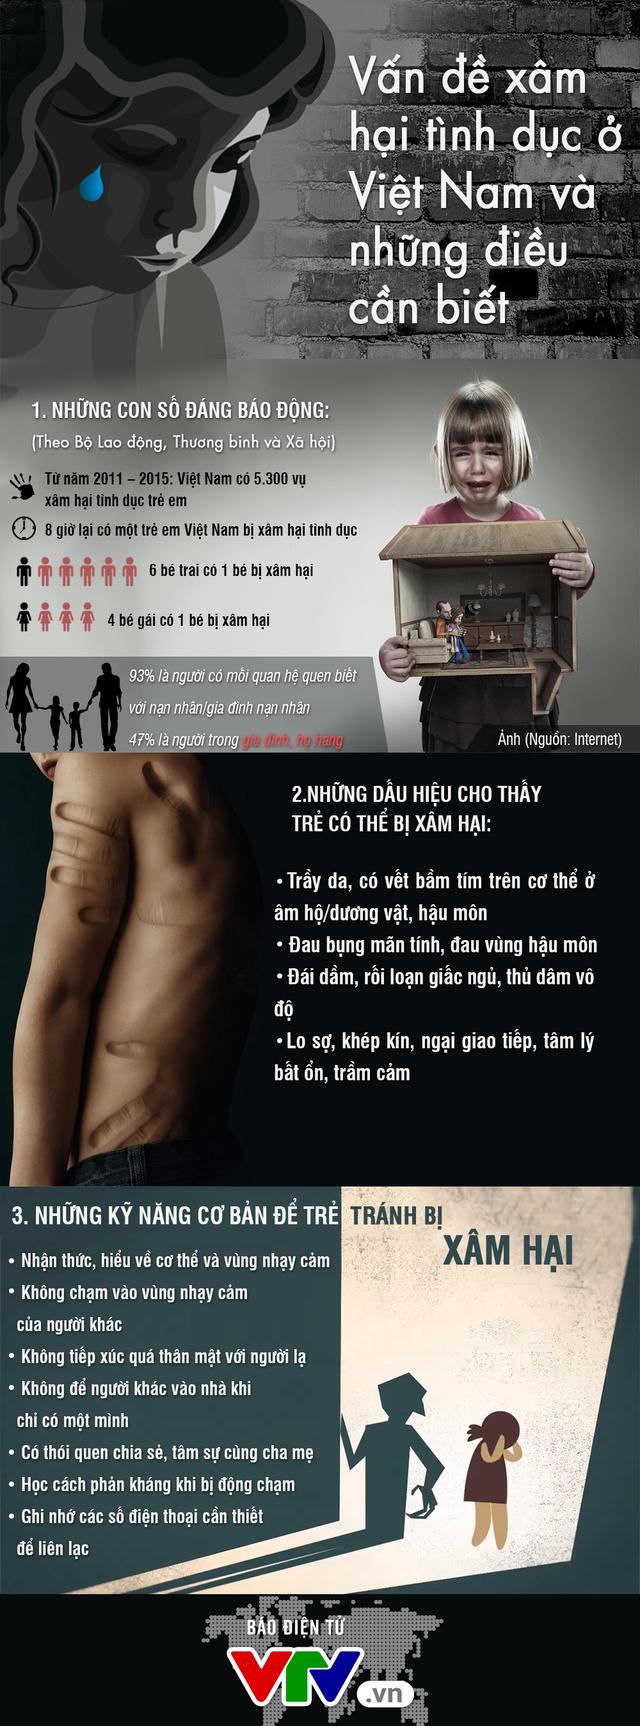 INFOGRAPHIC: Xâm hại tình dục trẻ em ở Việt Nam và những điều cần biết - Ảnh 1.